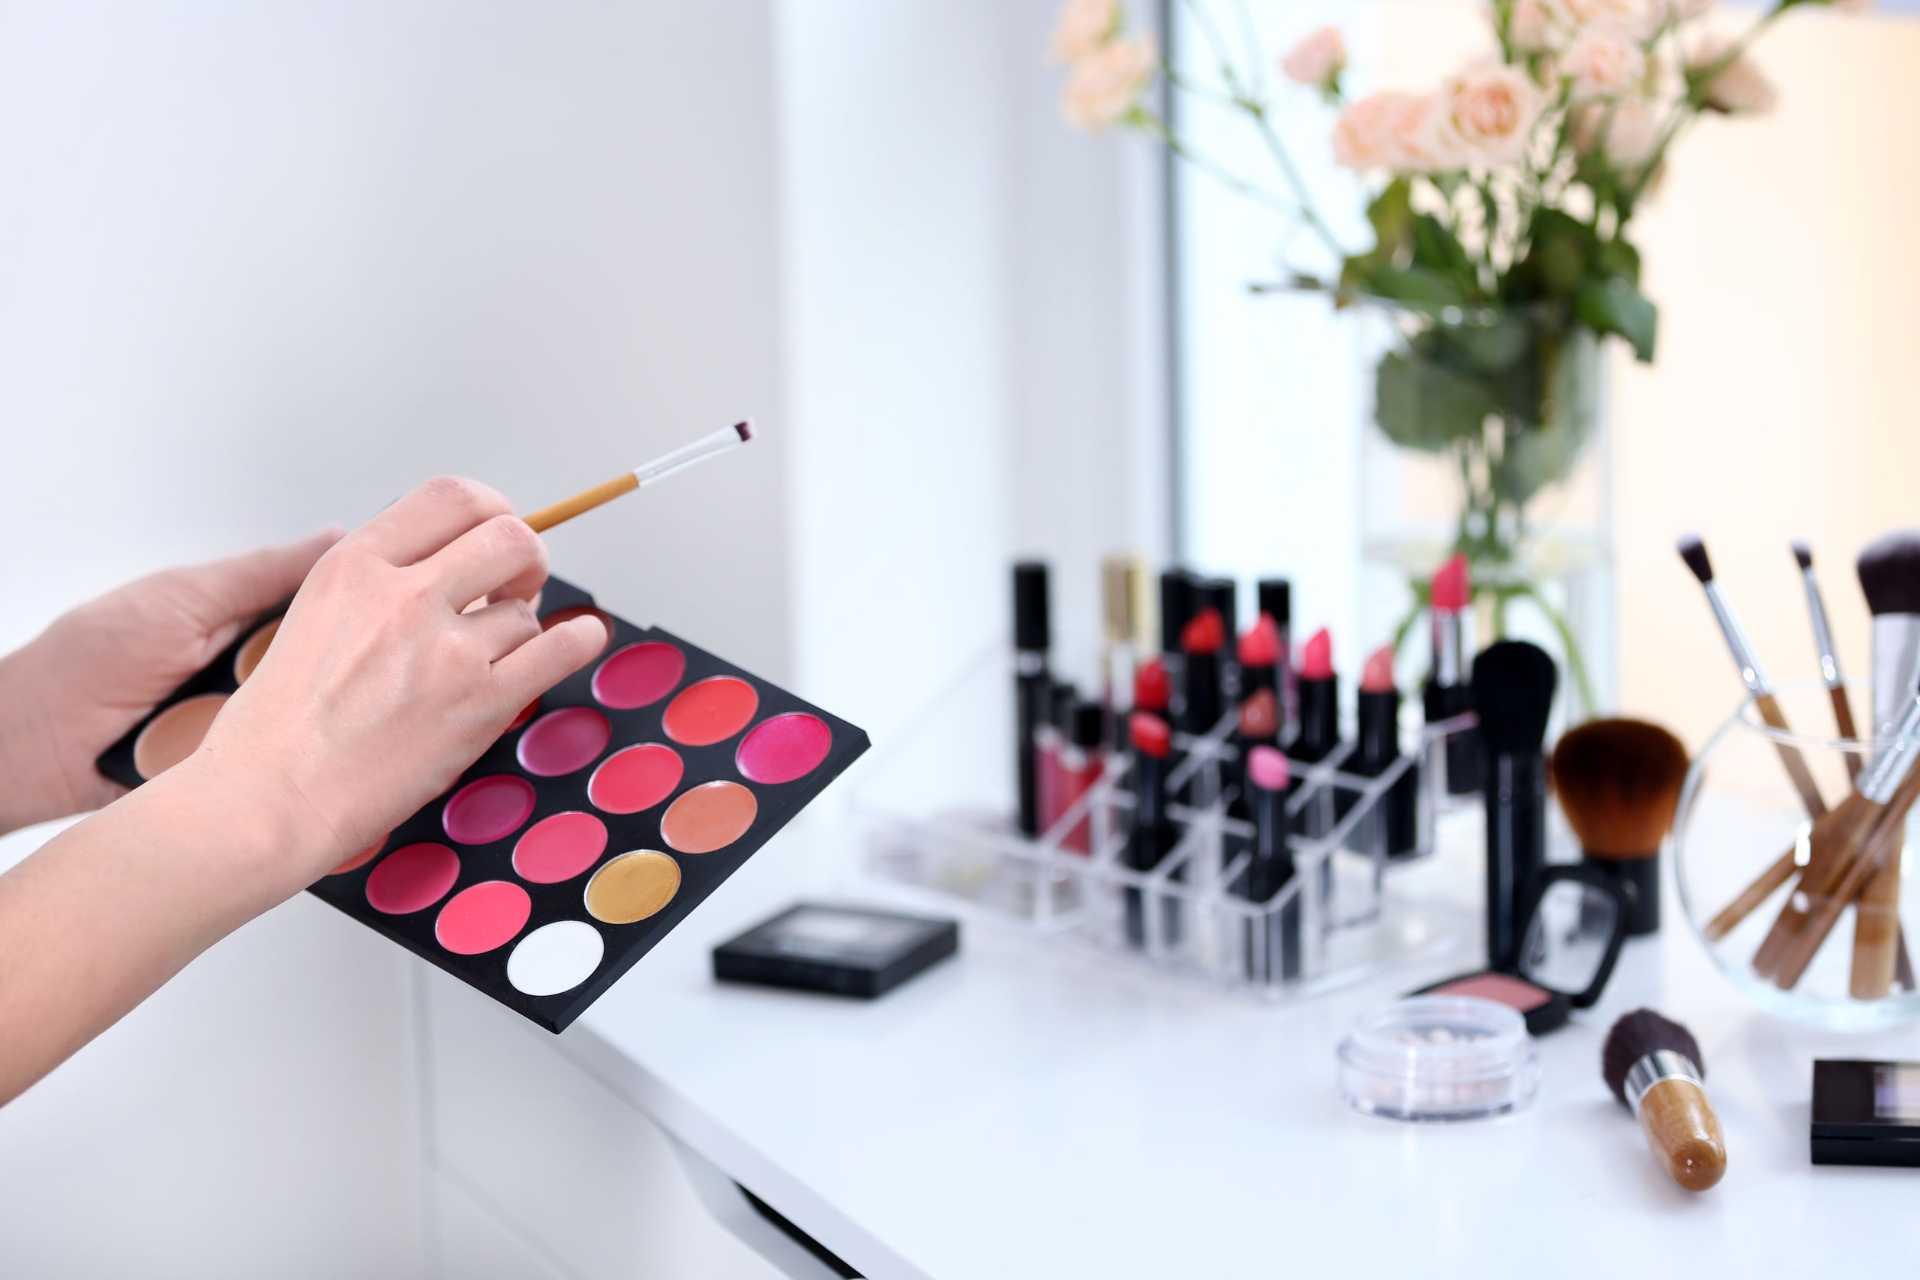 tempat make up yang bersih membuat Anda terhindar dari infeksi bakteri di kulit